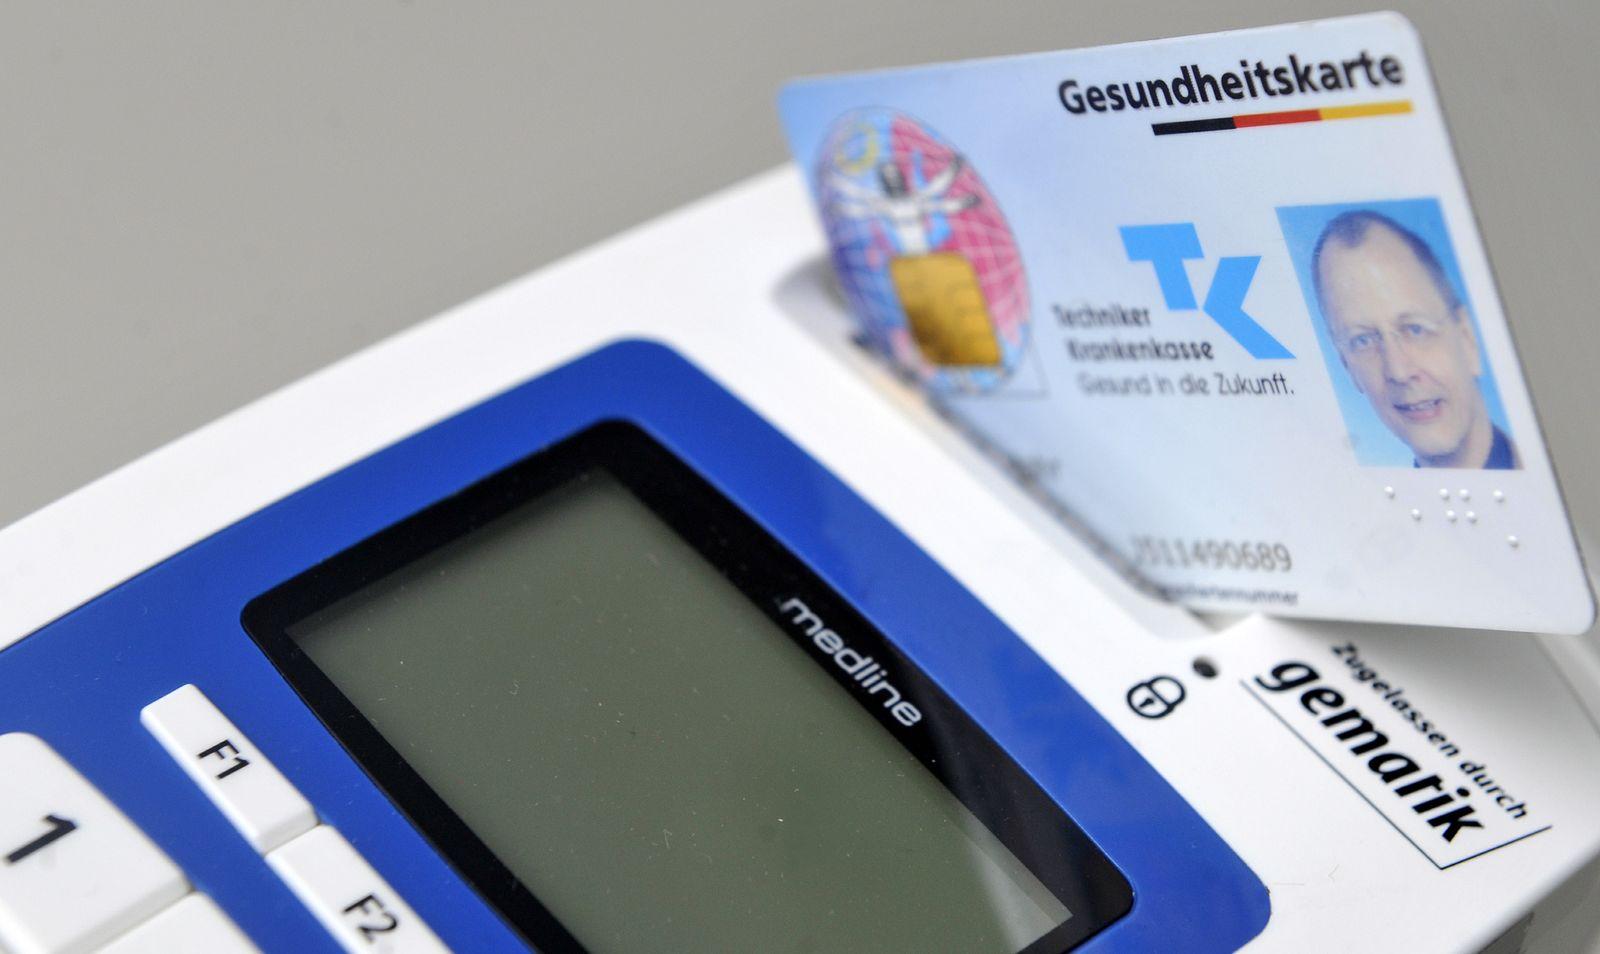 NICHT VERWENDEN Elektronische Gesundheitskarte